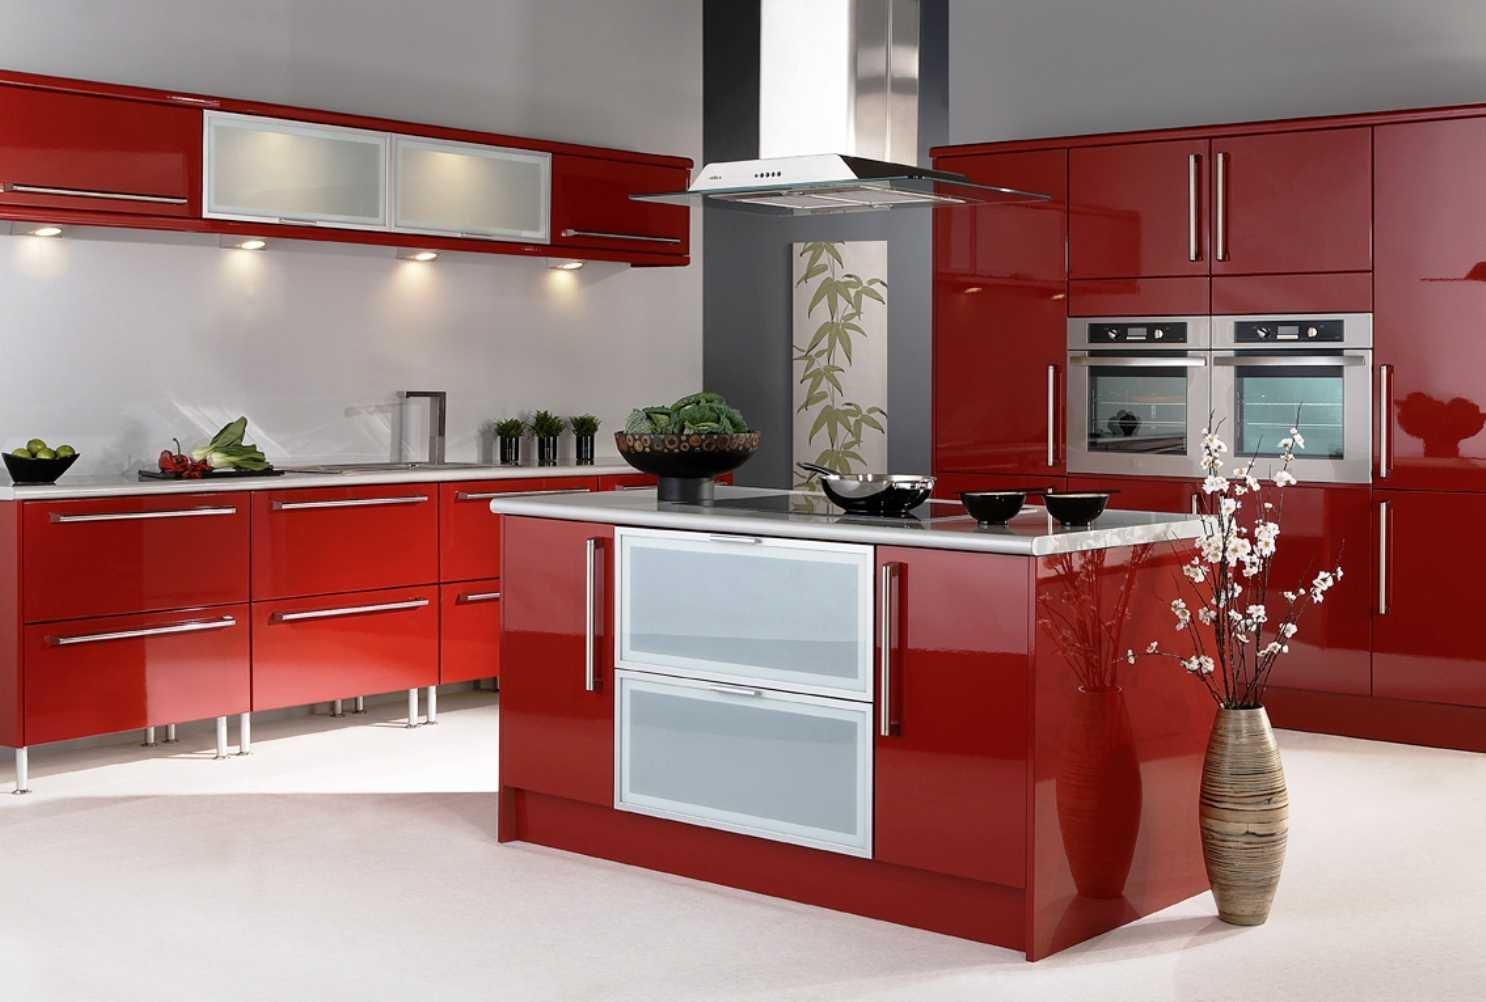 شركة تنظيف مطابخ بالأحساء 0538156829